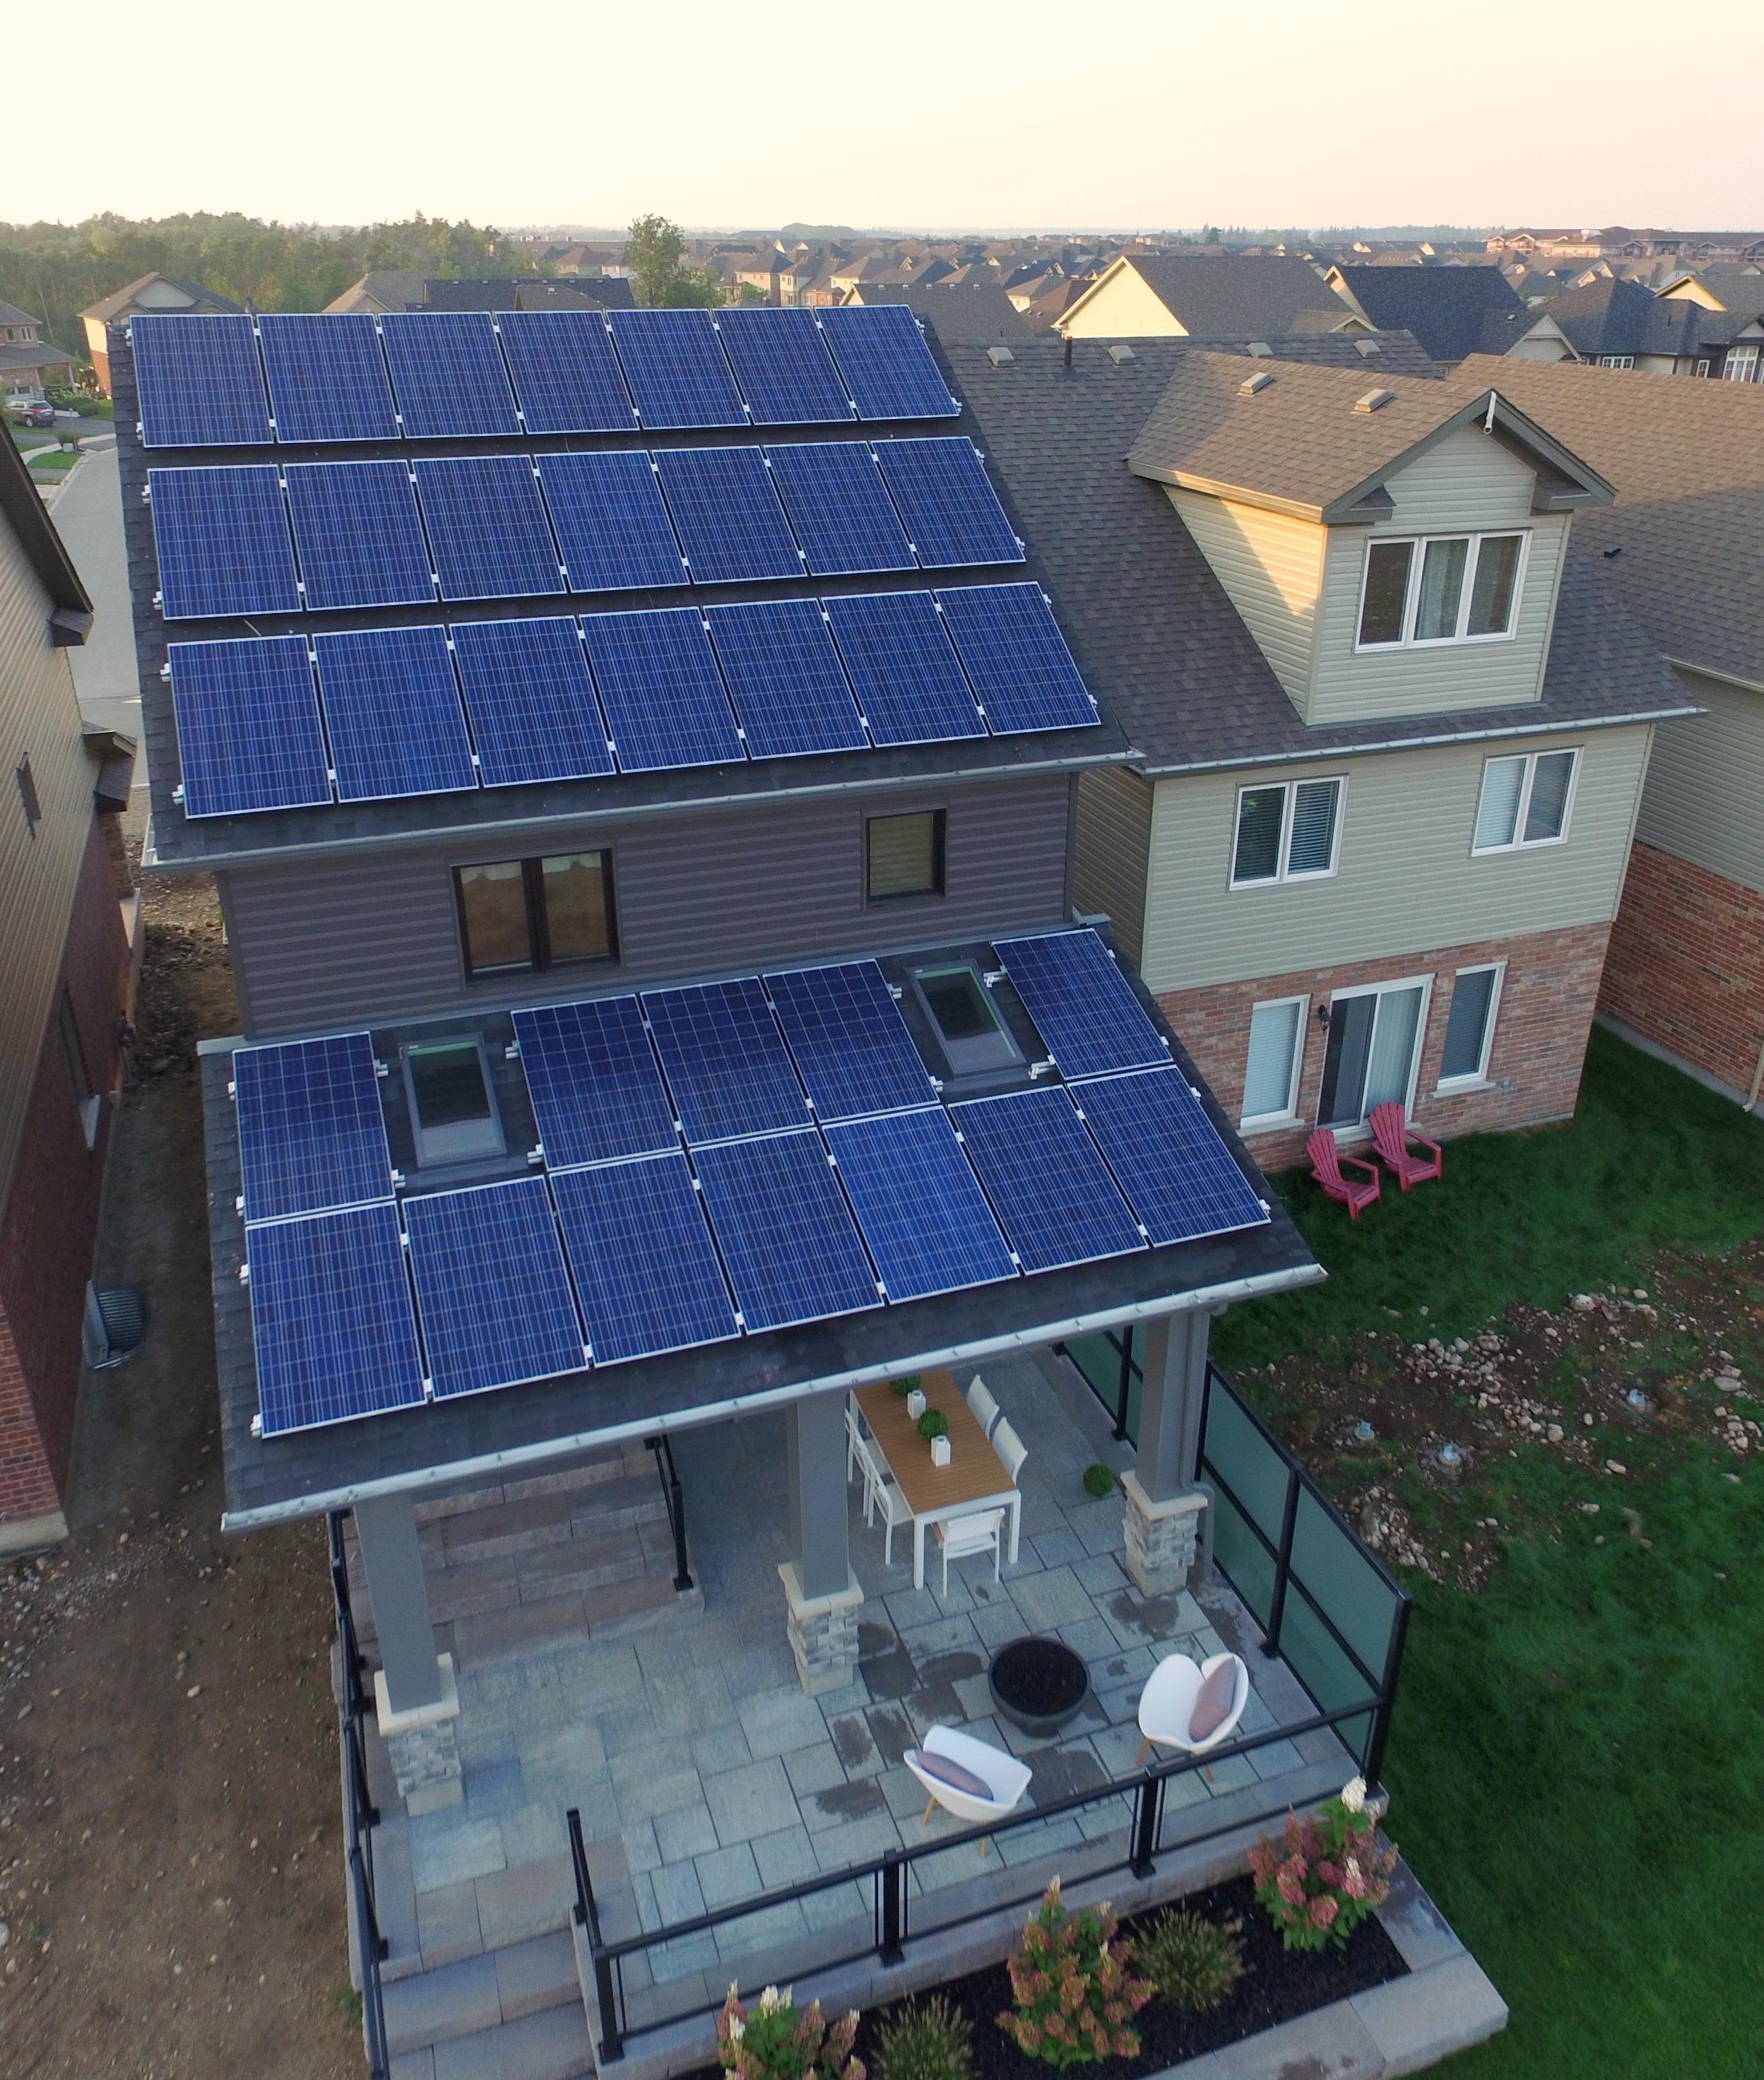 Reid 39 s heritage homes invites public to tour net zero for Net zero energy homes